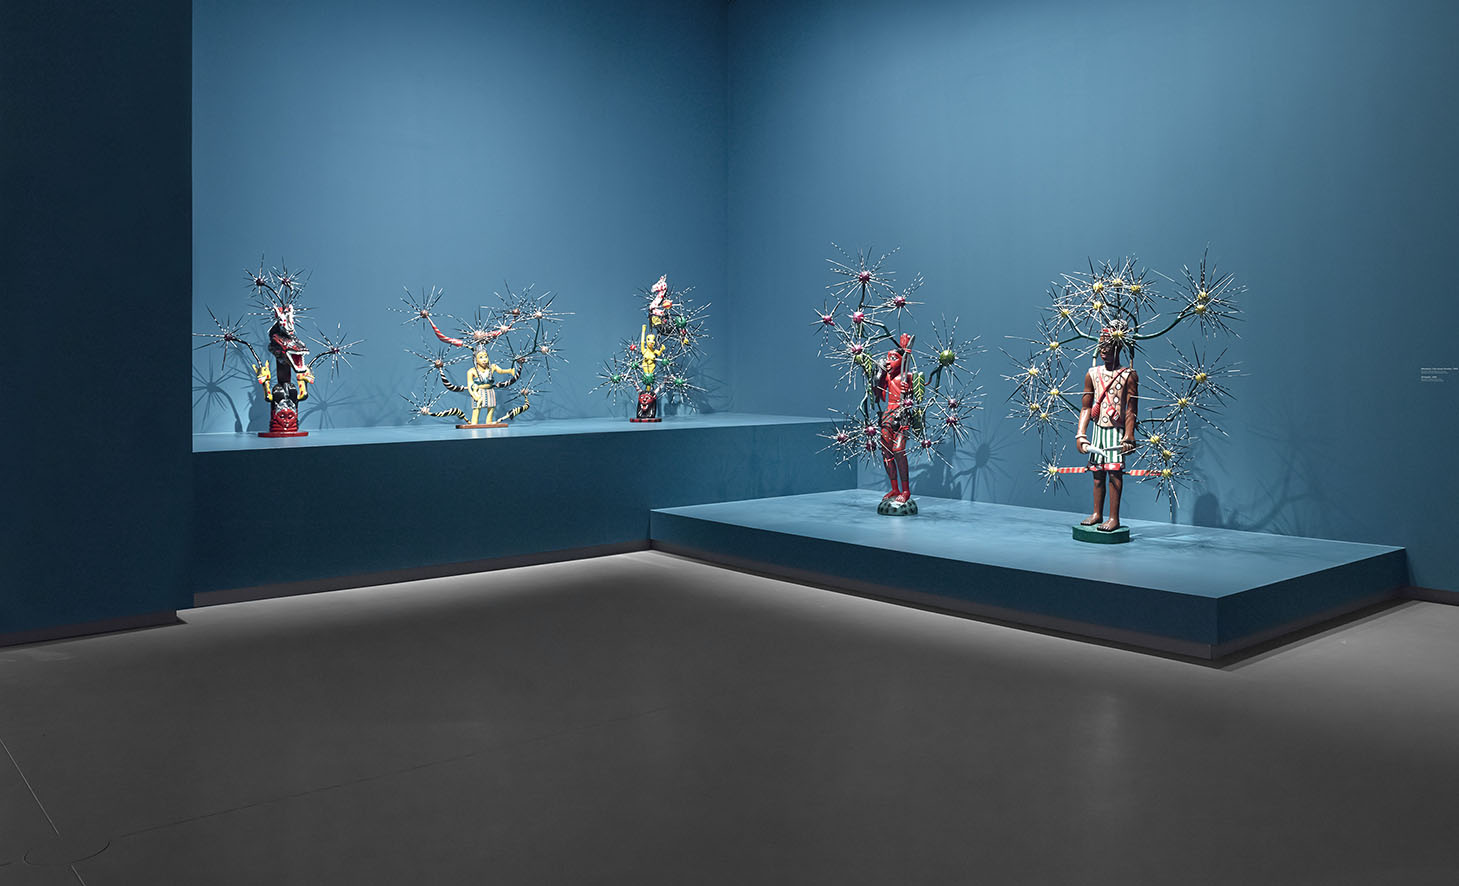 LES INTIÉS_Vue d'installation de l'exposition_7_photo ©Fondation Louis Vuitton - Marc Domage.jpg